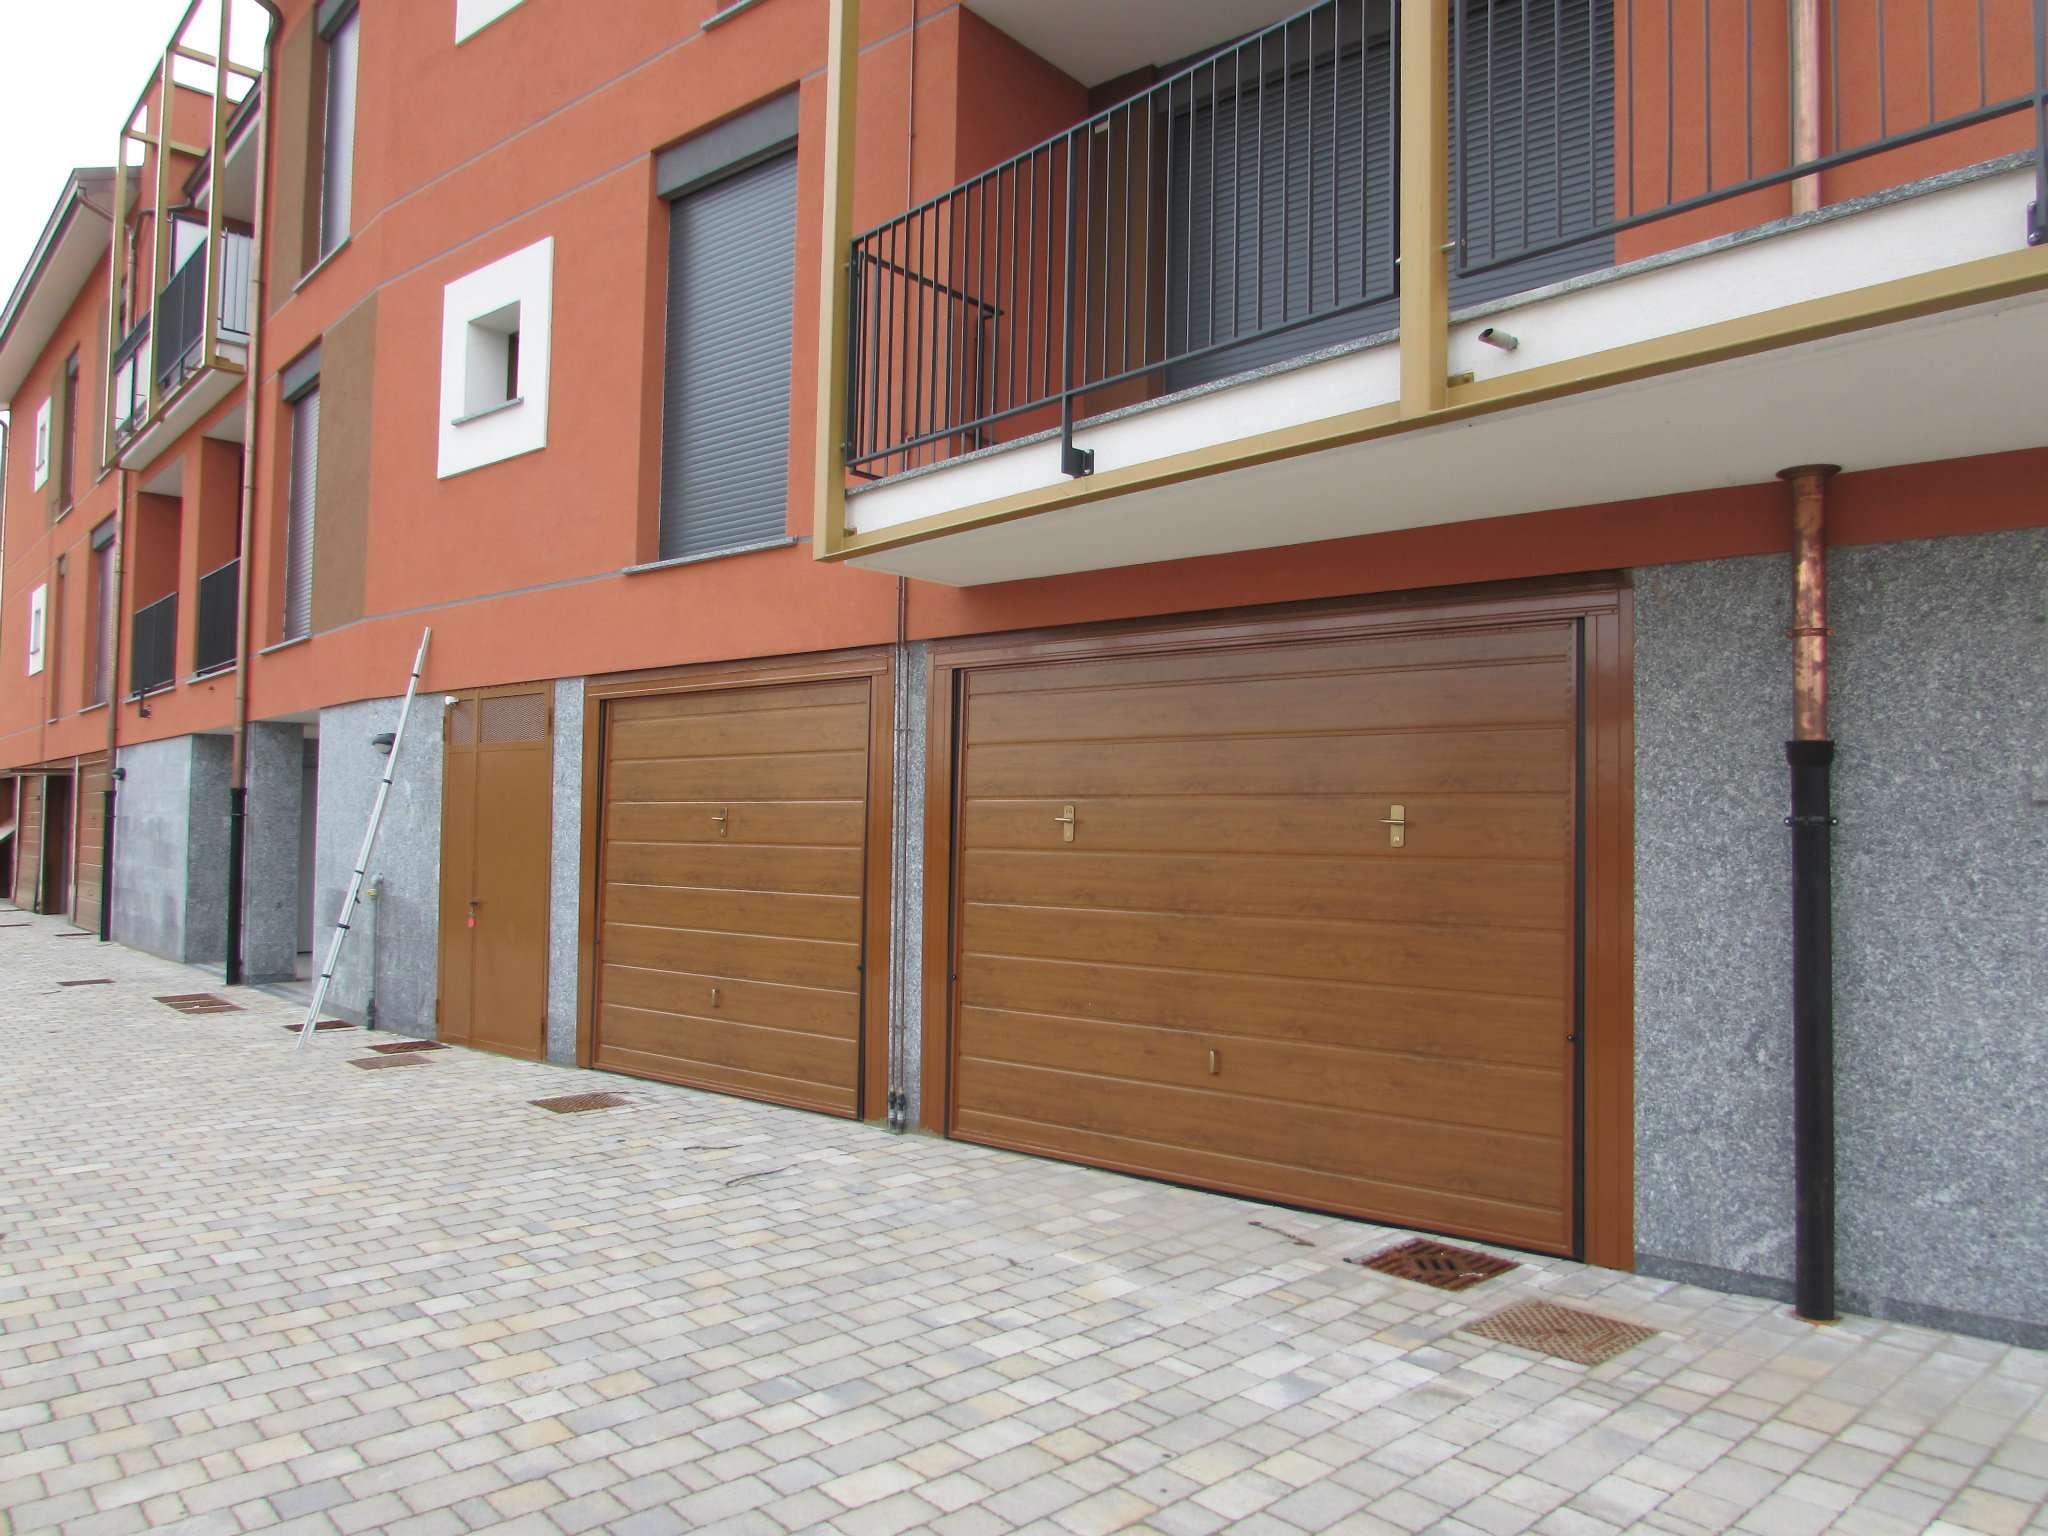 Bilocale Siziano Via Porte Rosse 4